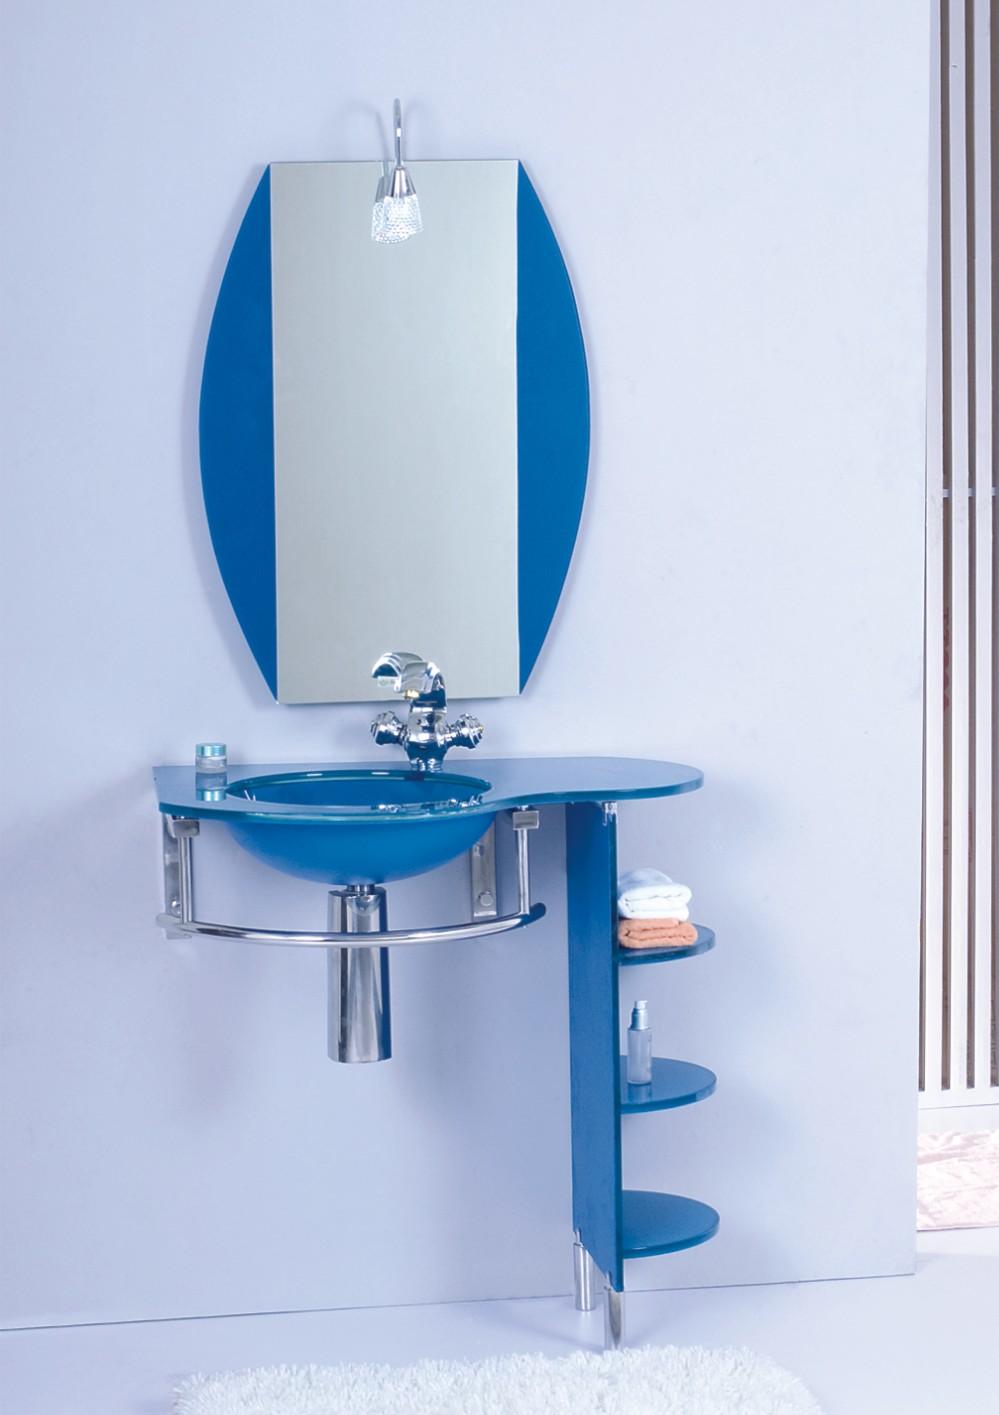 Bathroom Glass Basins : : Glass basin,wash basin,bathroom basin,art basin,counter basin,glass ...